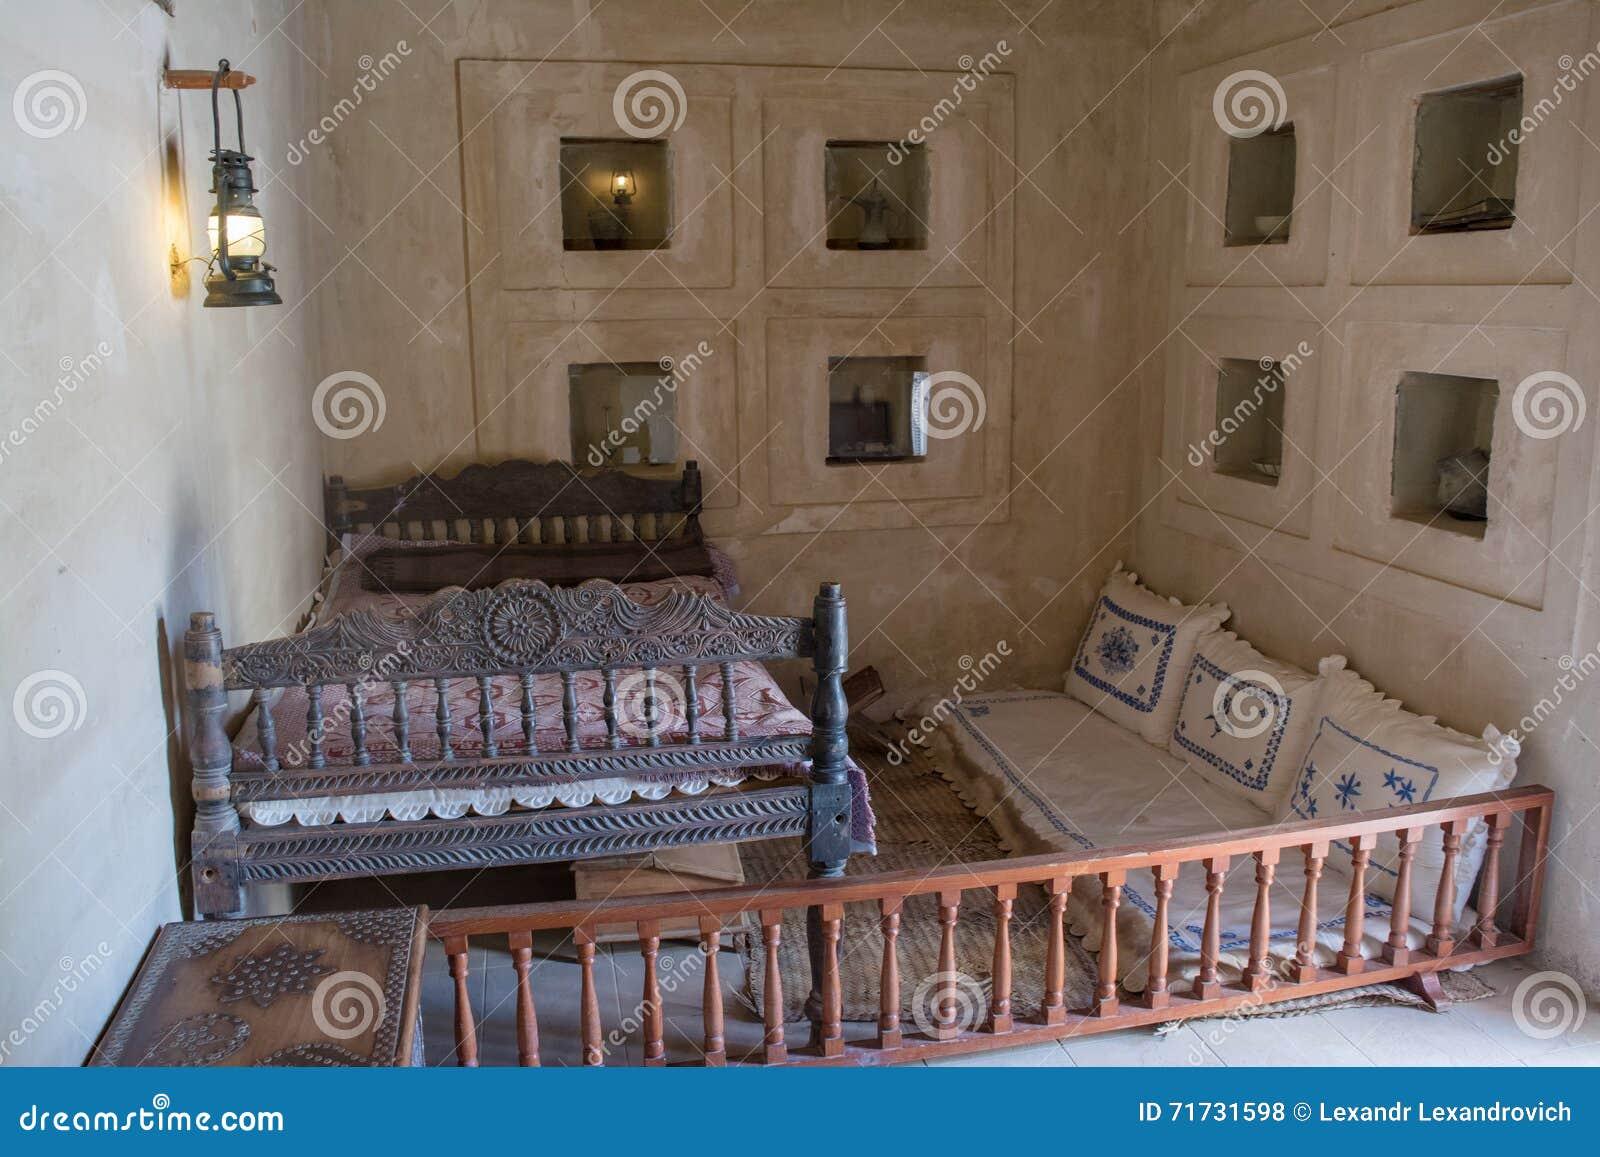 Arabische Schlafzimmer Ideen. Himolla Schlafsofas Mont Chalet ...